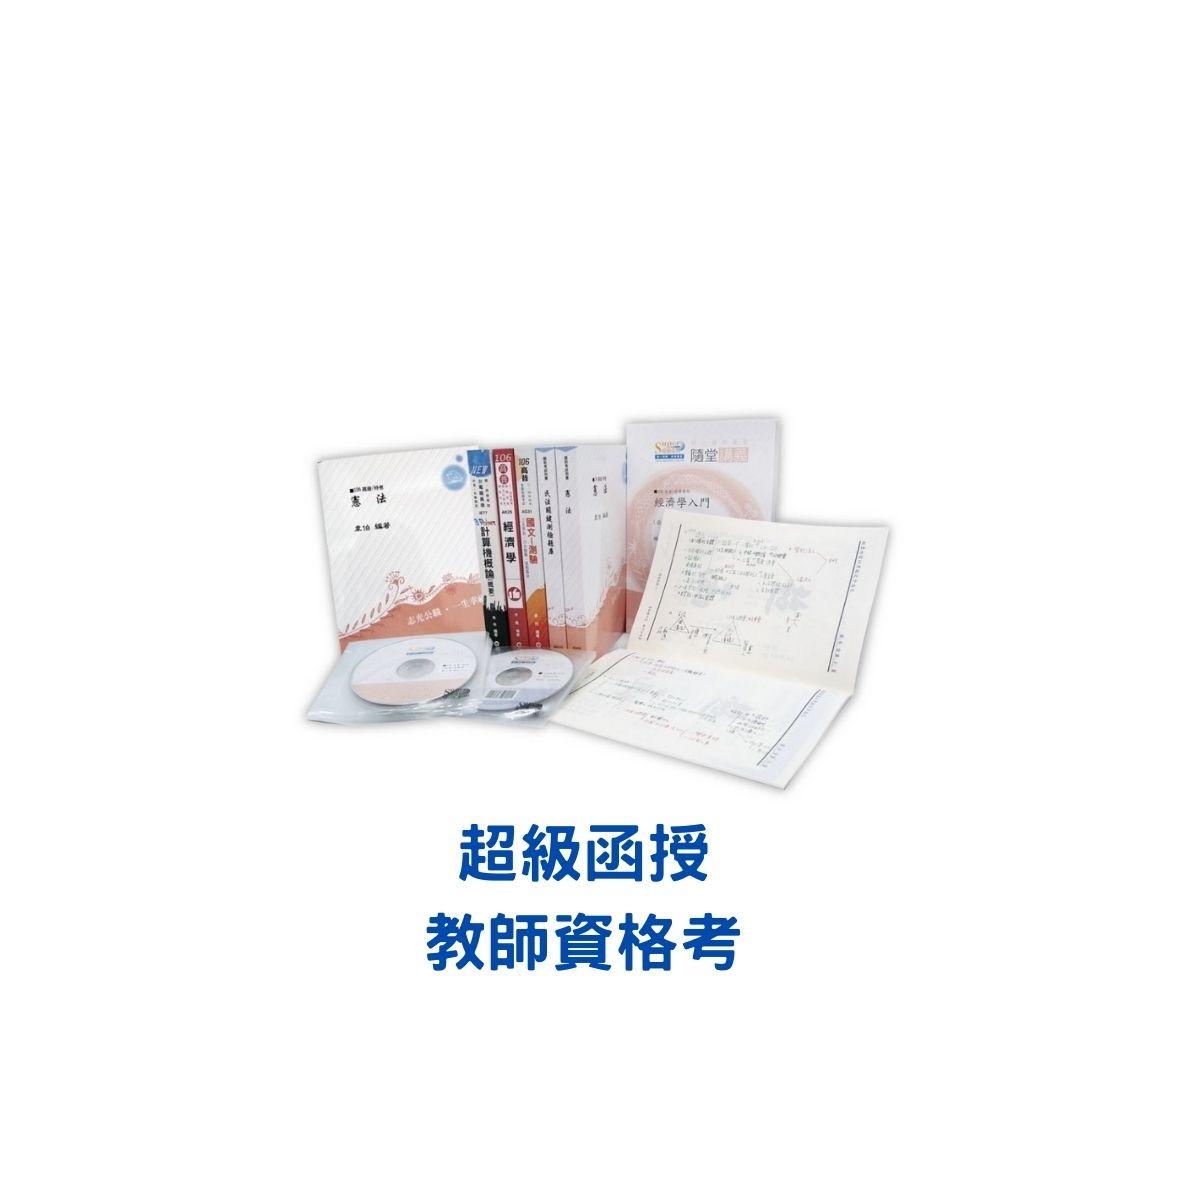 110/超級函授/教師資格考/國小教師資格考/年度班/全套/雲端函授